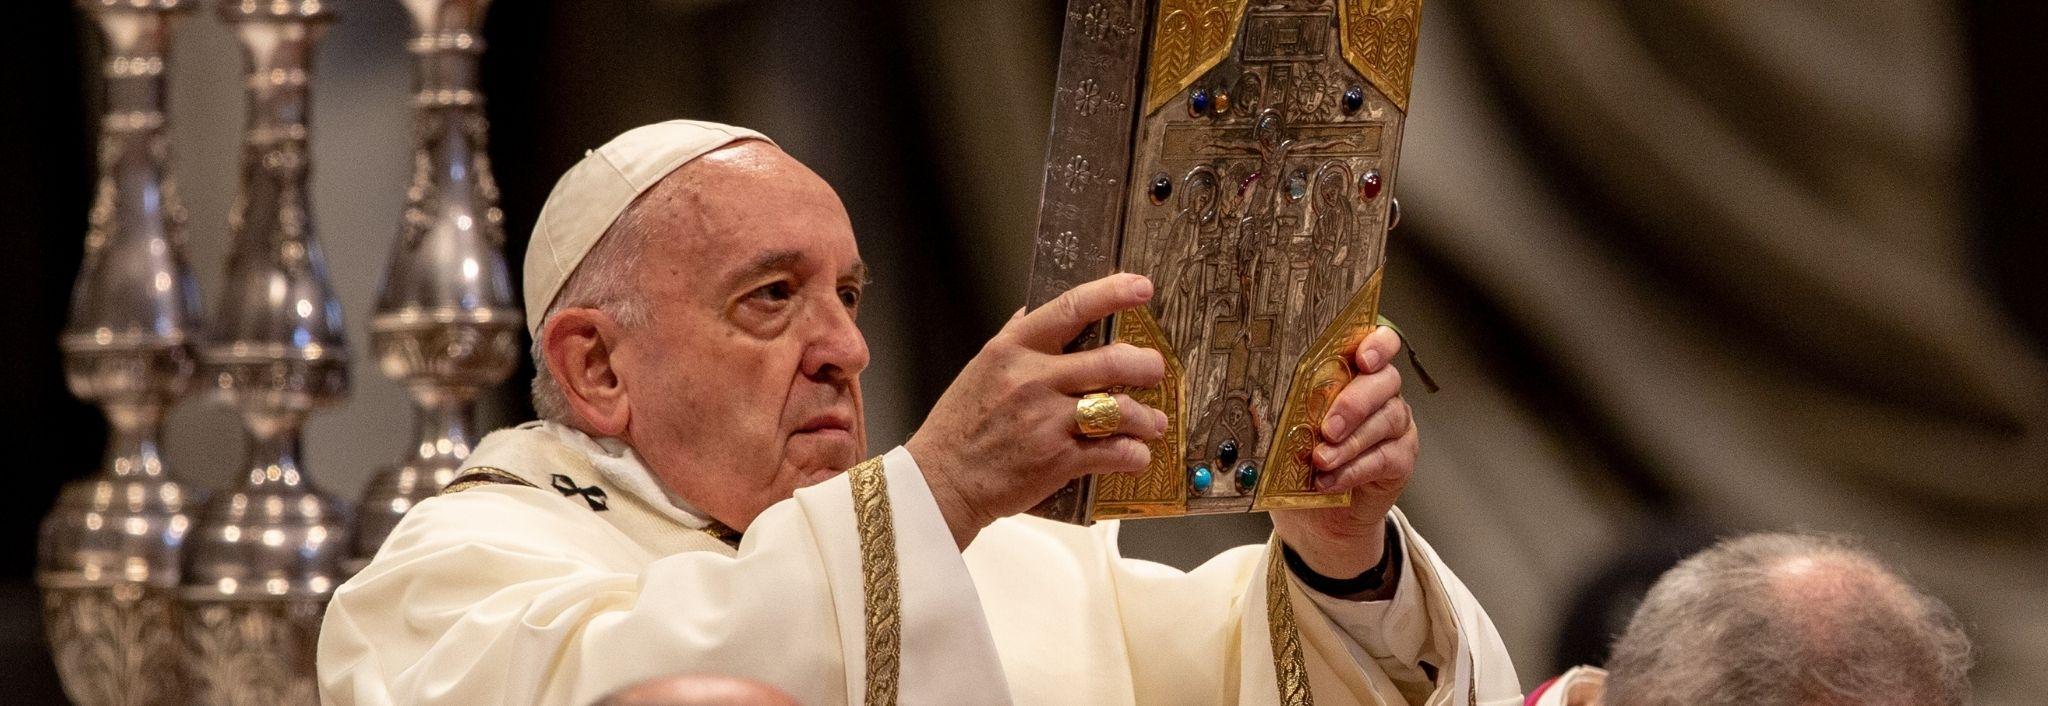 Svätá omša z Vatikánu